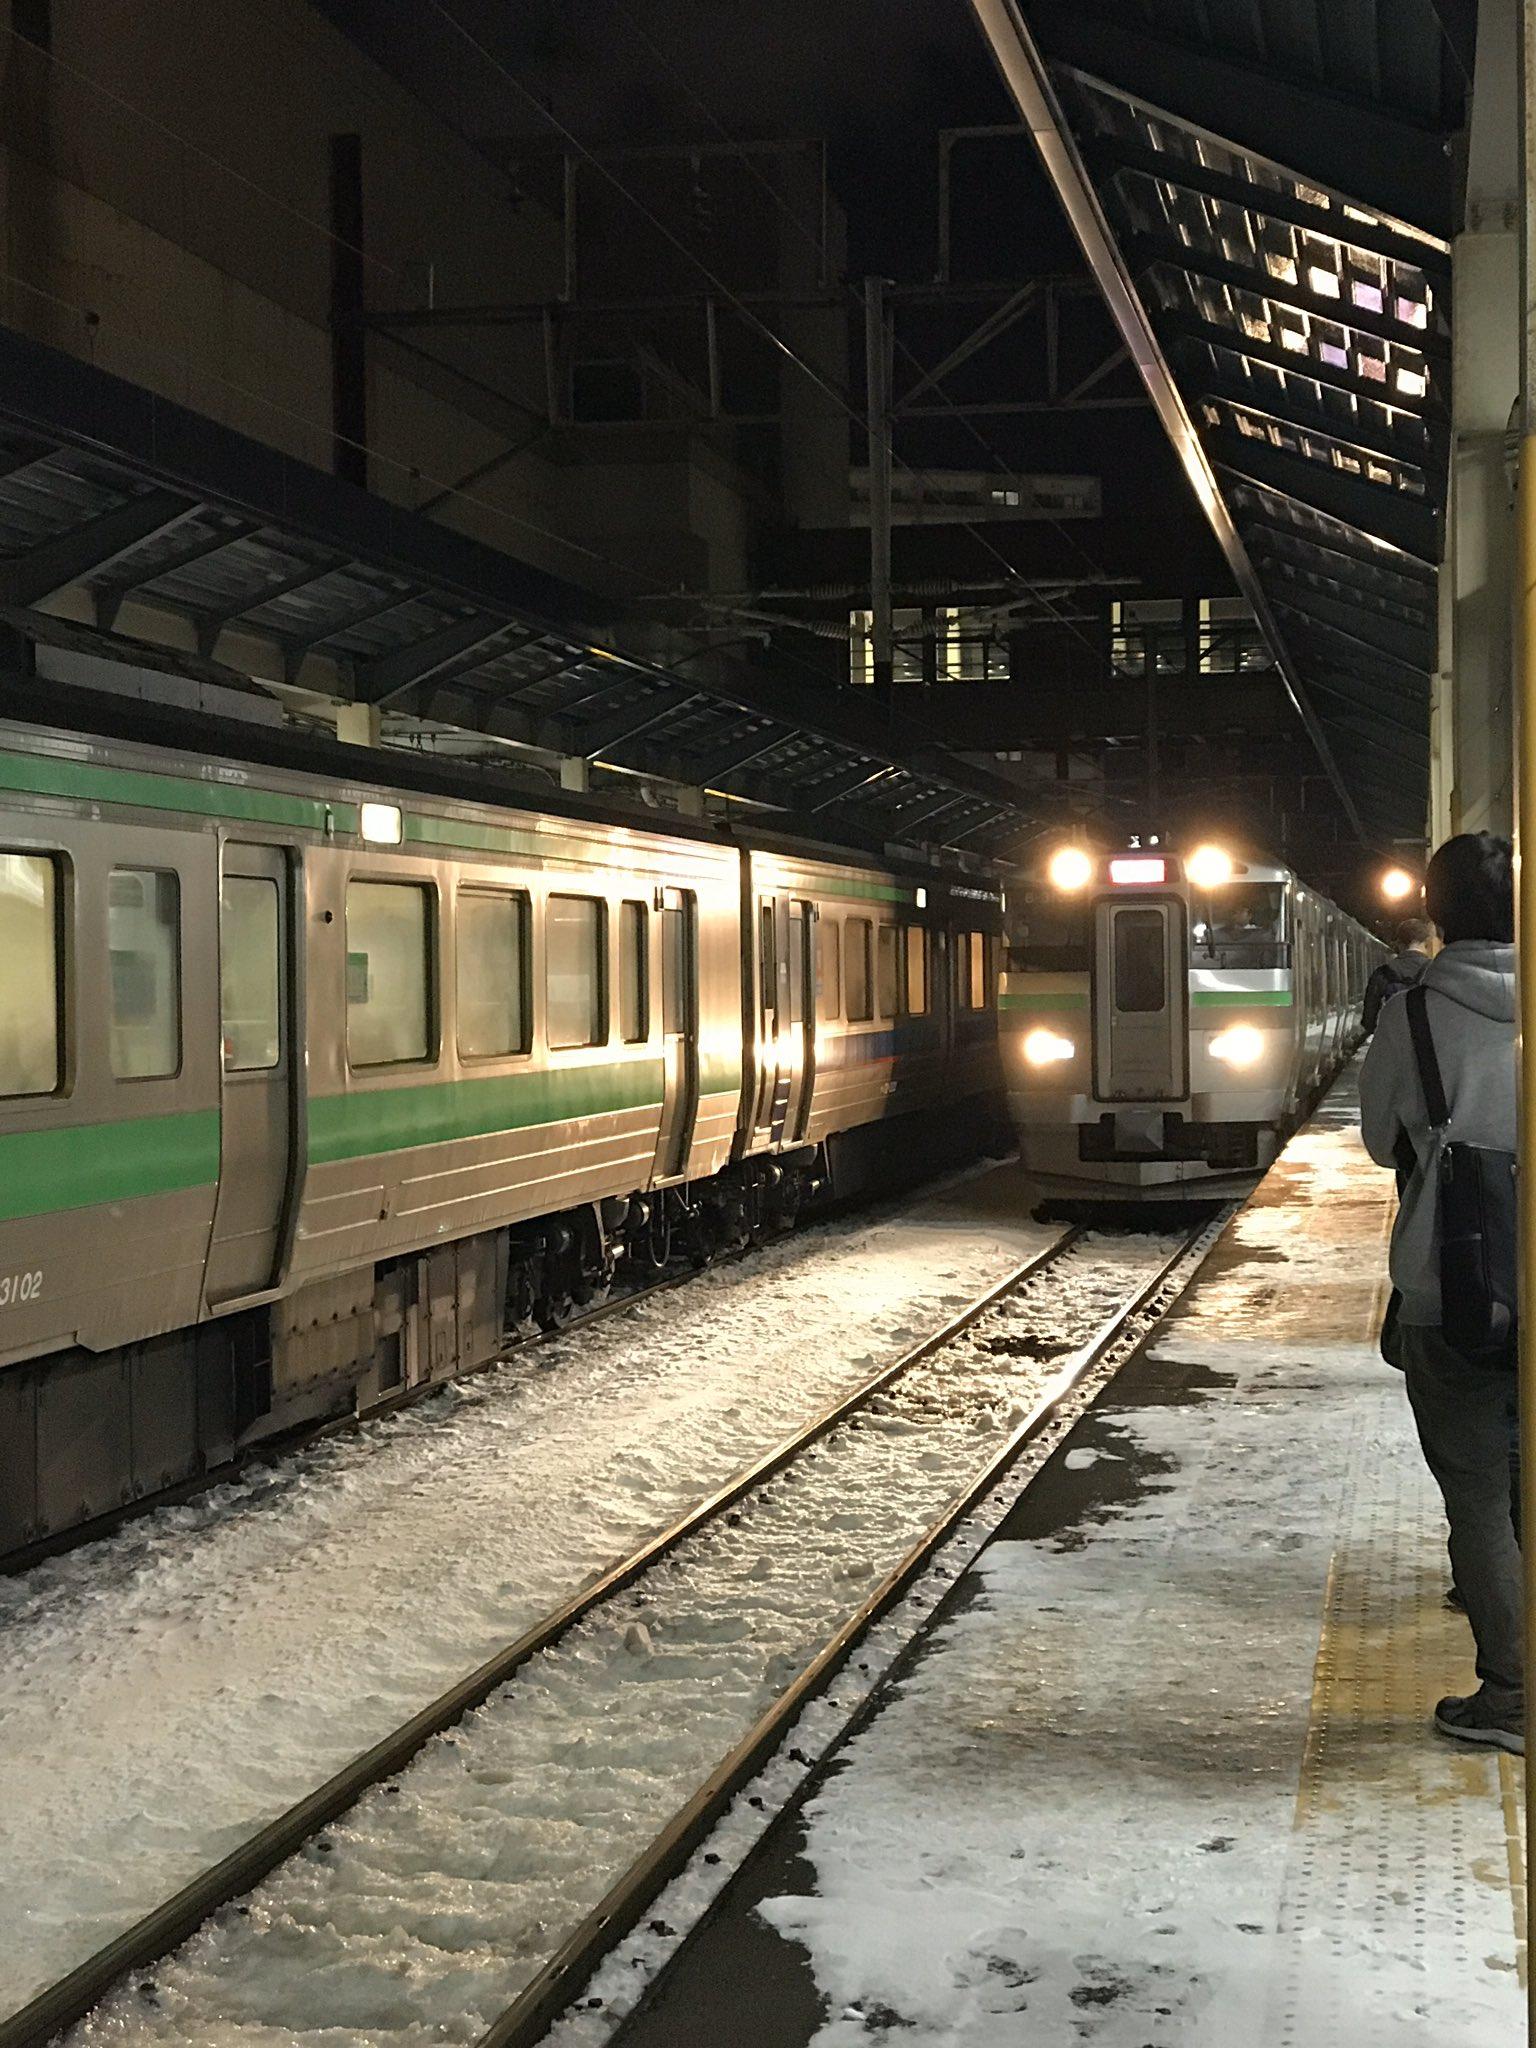 千歳線の新札幌駅で人身事故が起きた現場の画像